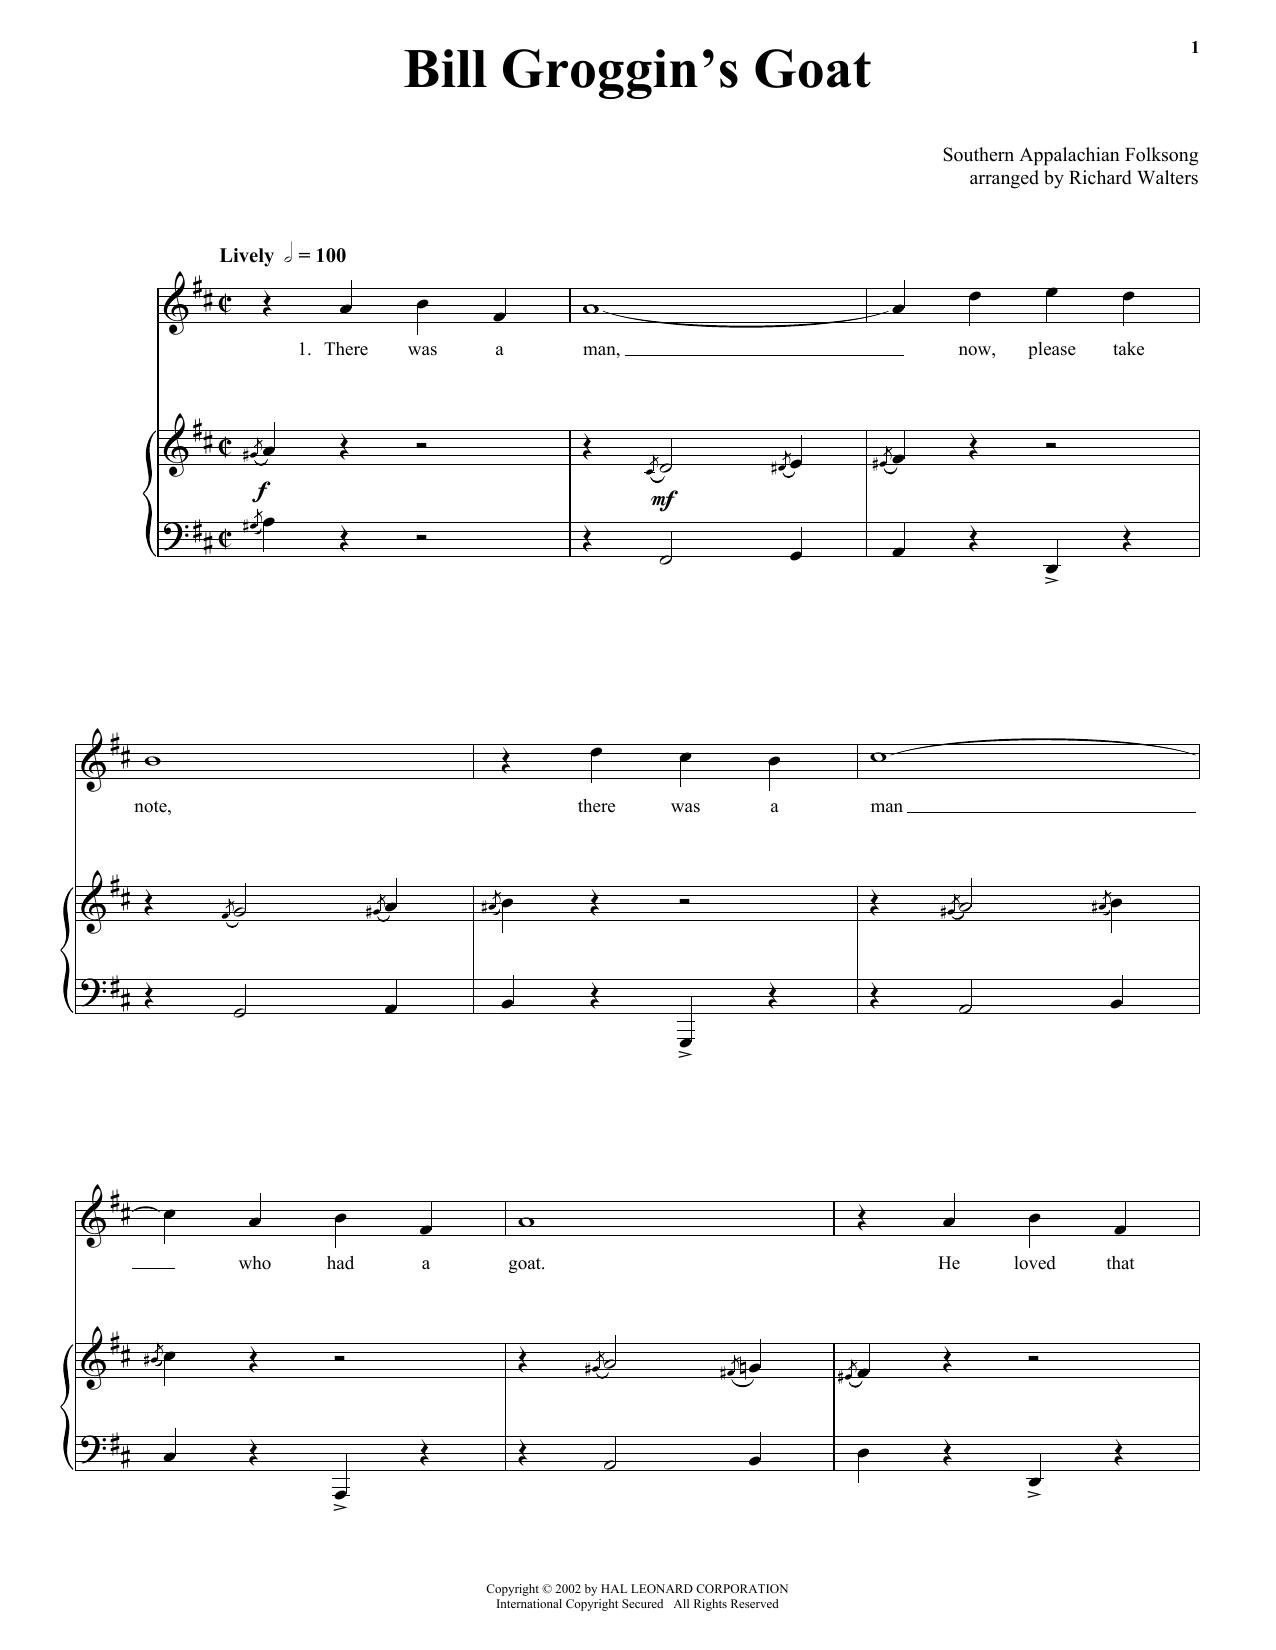 Bill Grogan's Goat Sheet Music